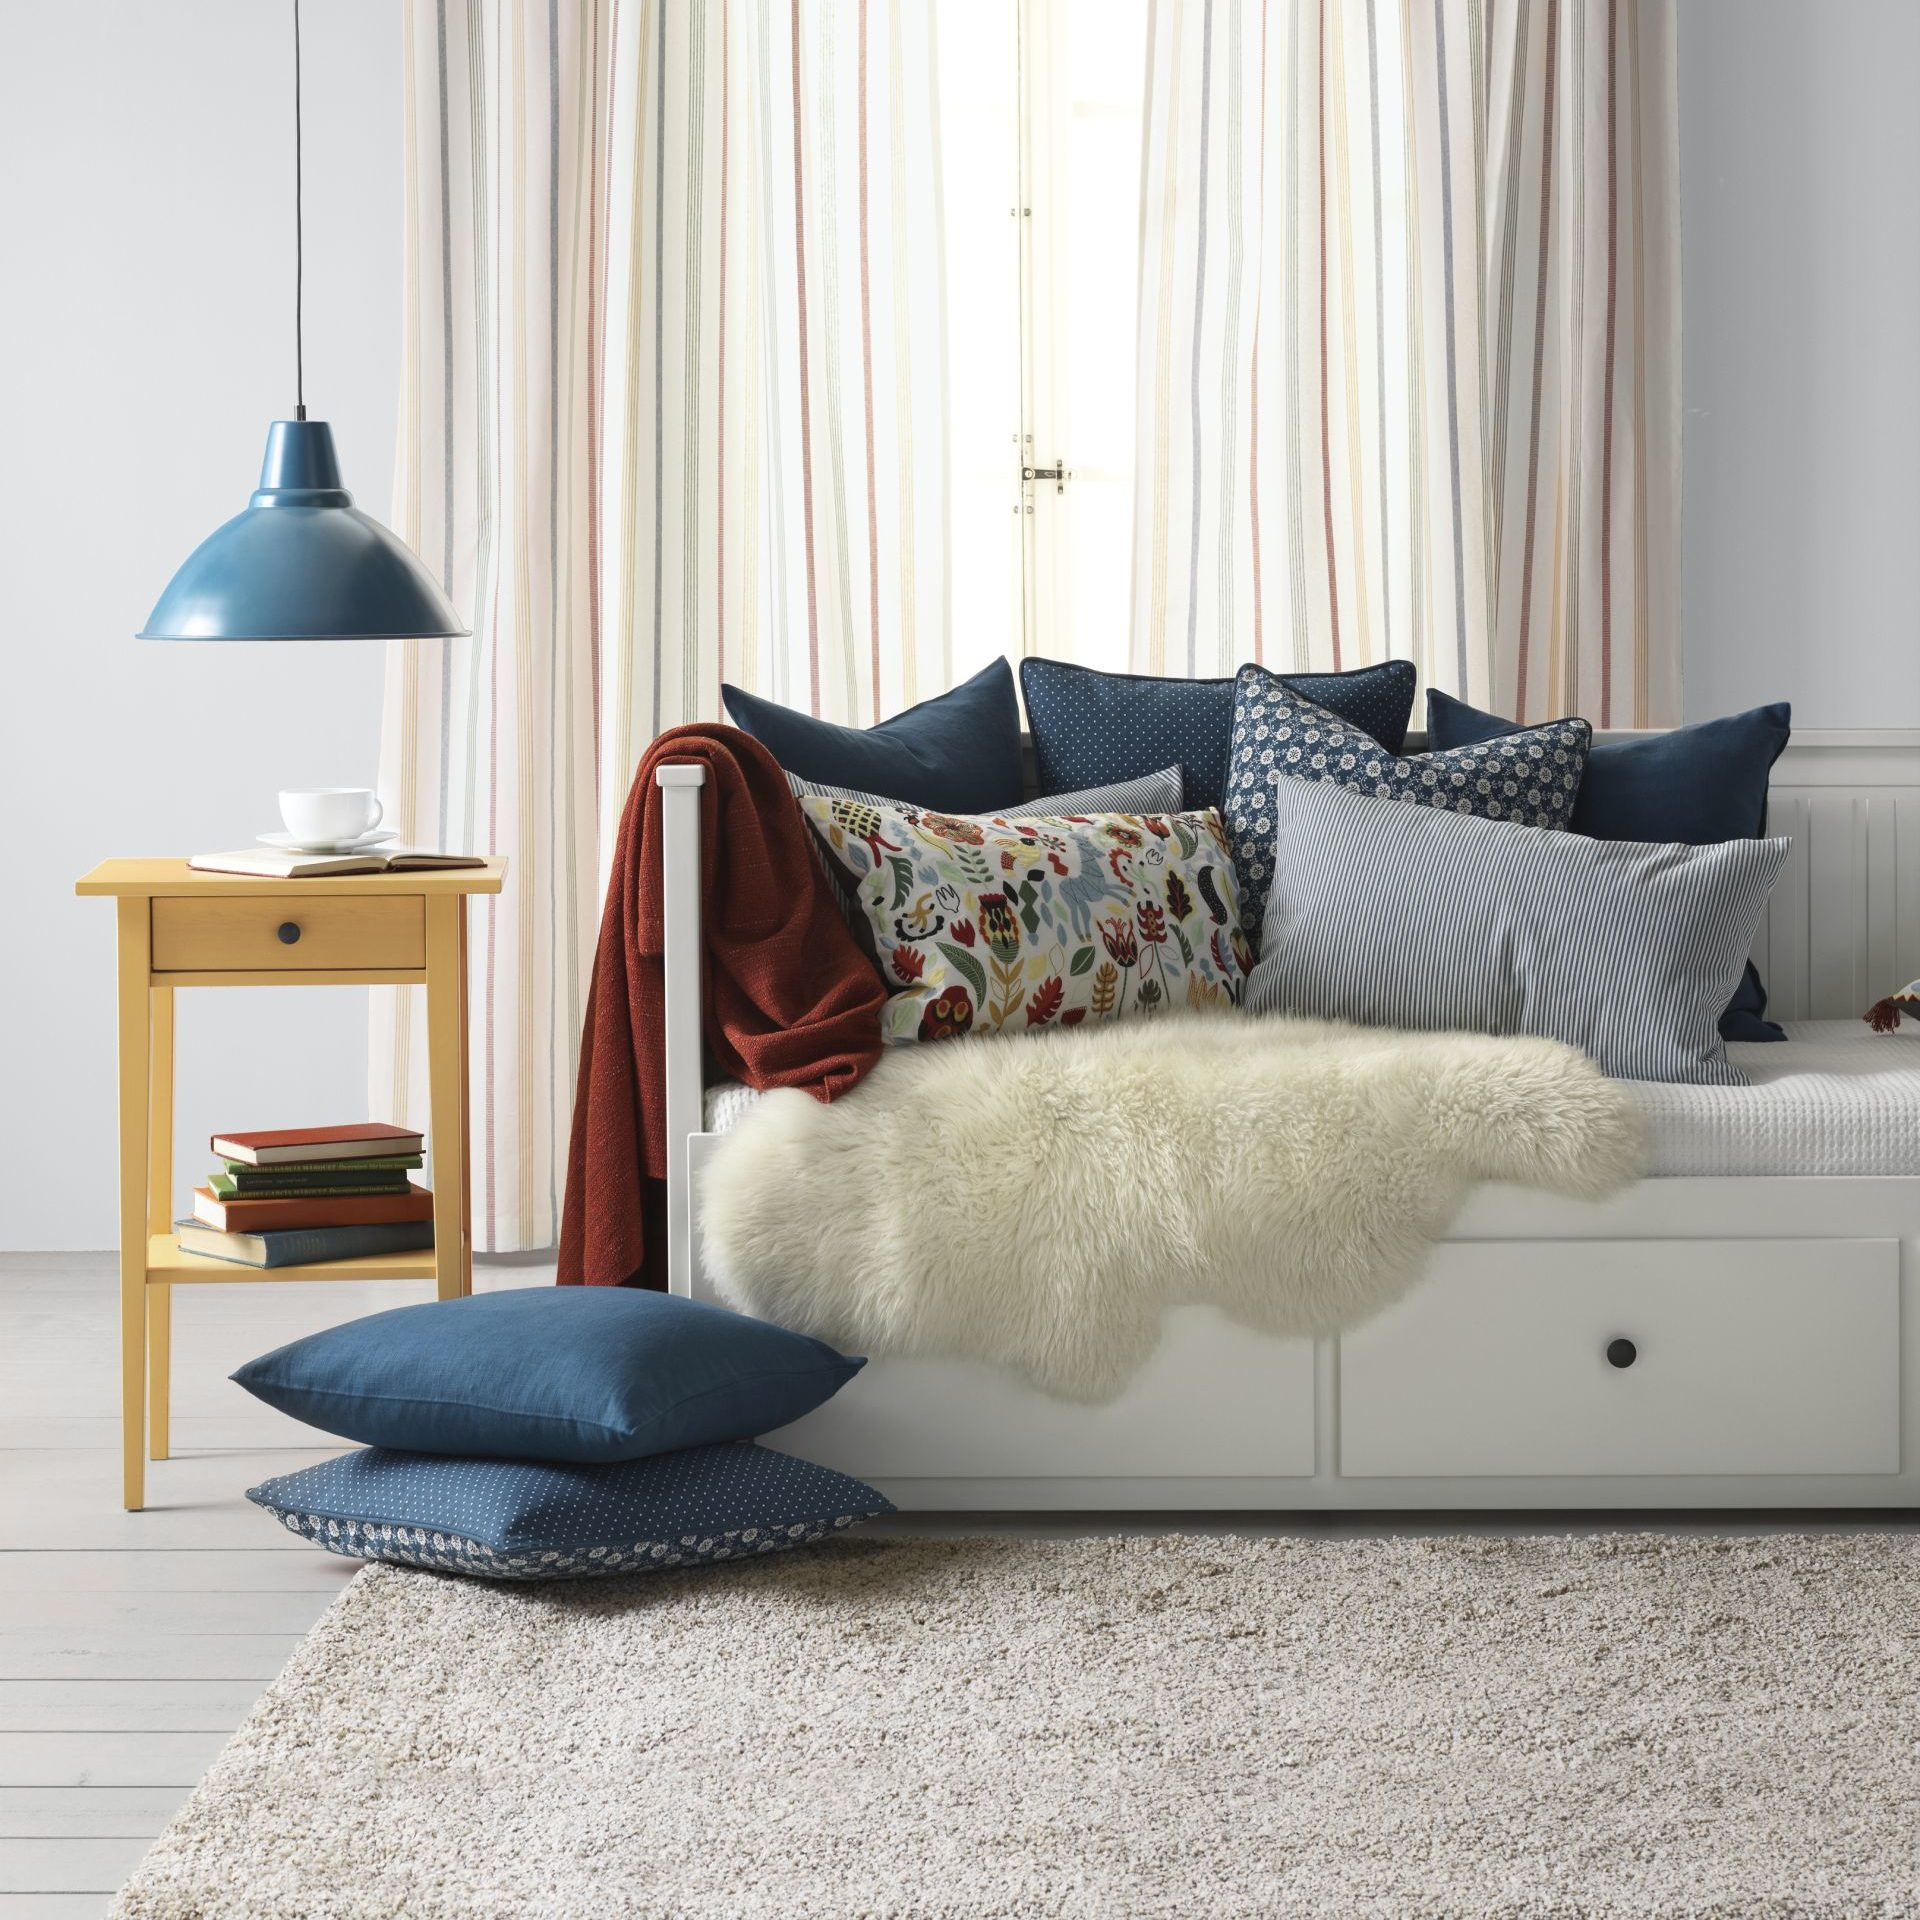 Skórę owczą Ludde można zastosować zarówno jako dywan jak i narzutę np. na kanapę. Cena 159 zł. www.ikea.com/pl